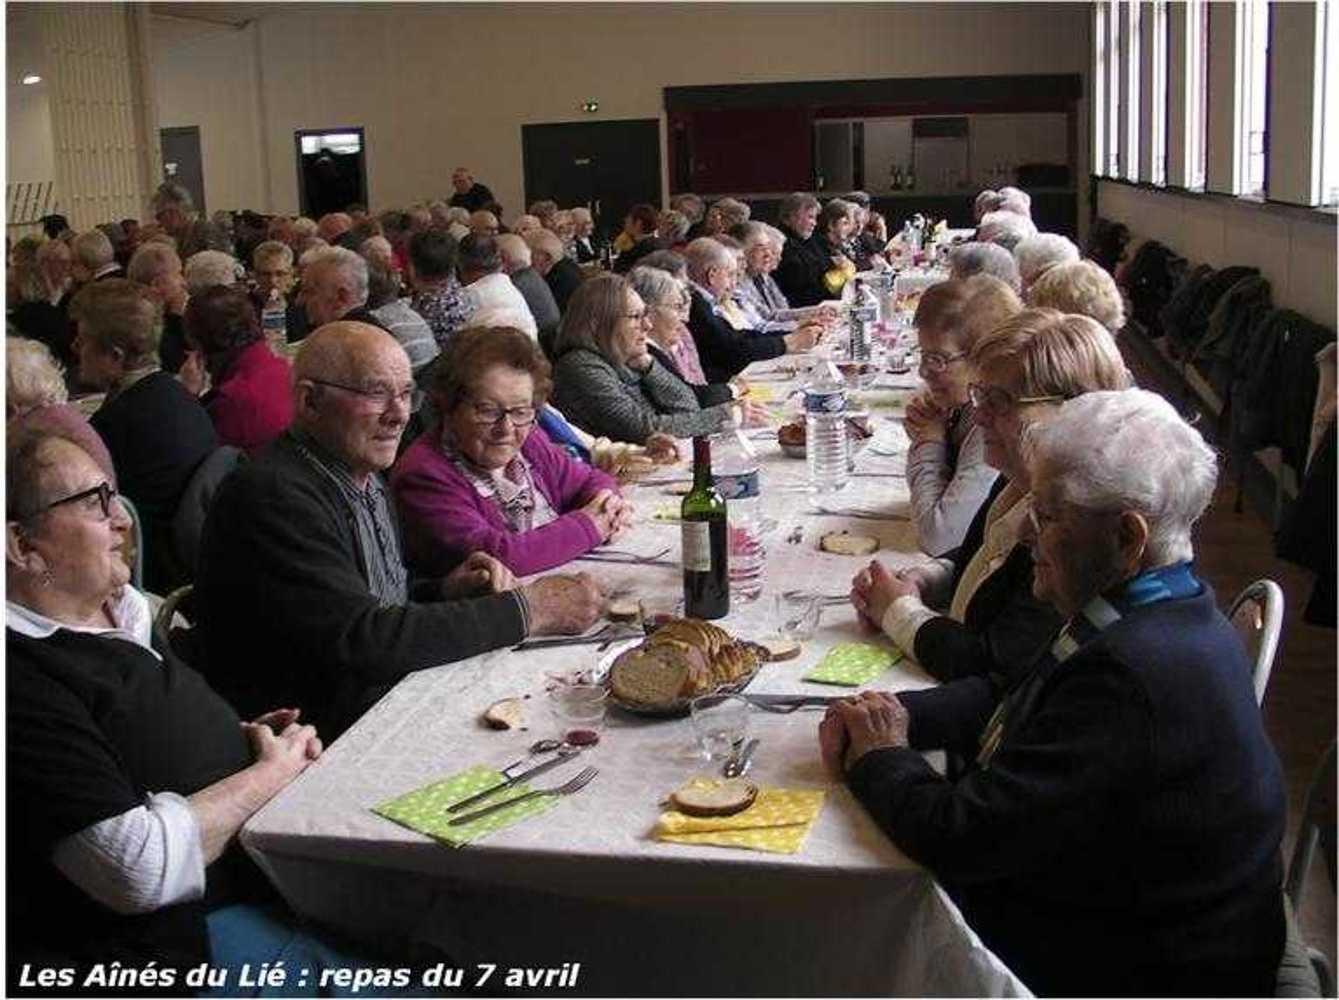 Les Aînés du Lié : photos du repas langue de boeuf image36